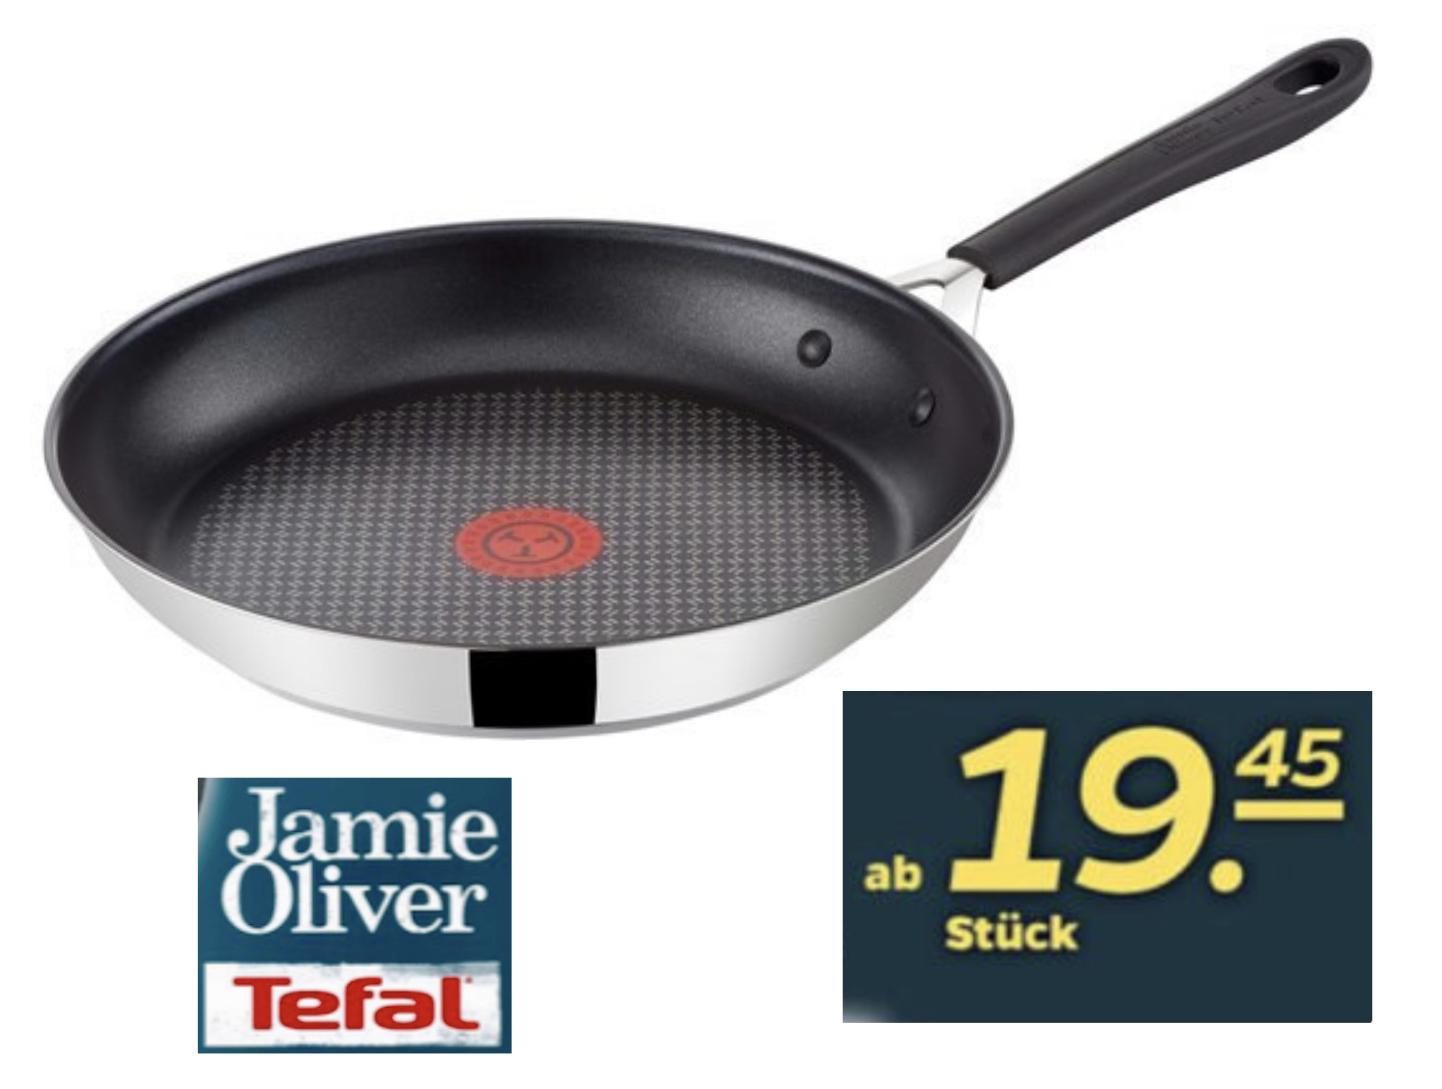 NETTO Scottie: Tefal Jamie Oliver Bratpfanne Edelstahl mit THERMO-SPOT 24cm für 19,45€ / 28cm für 24,32€